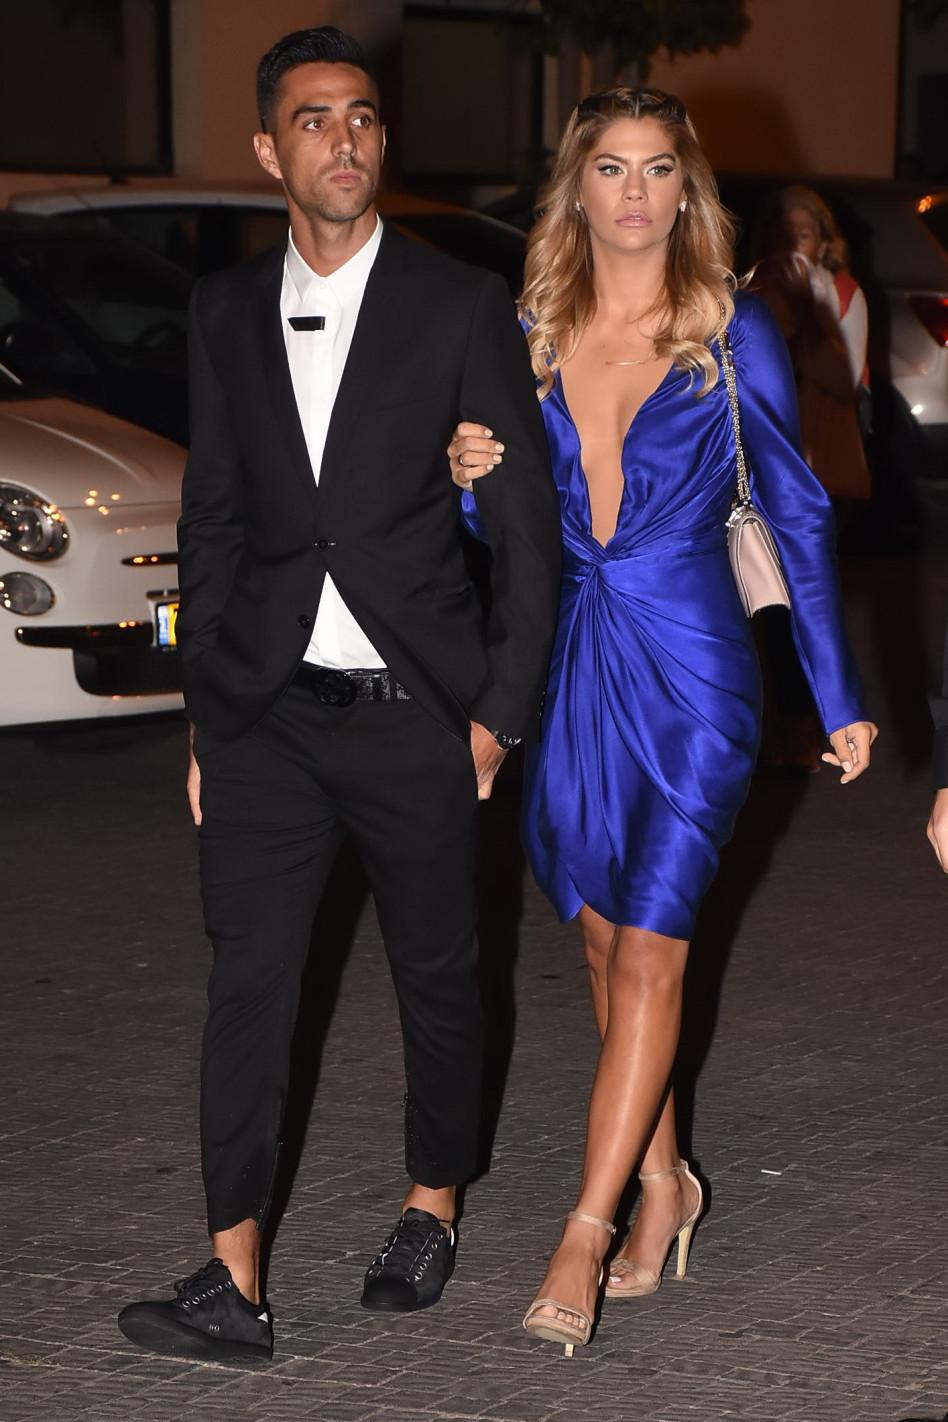 ערן זהבי ואשתו לבושים כראוי